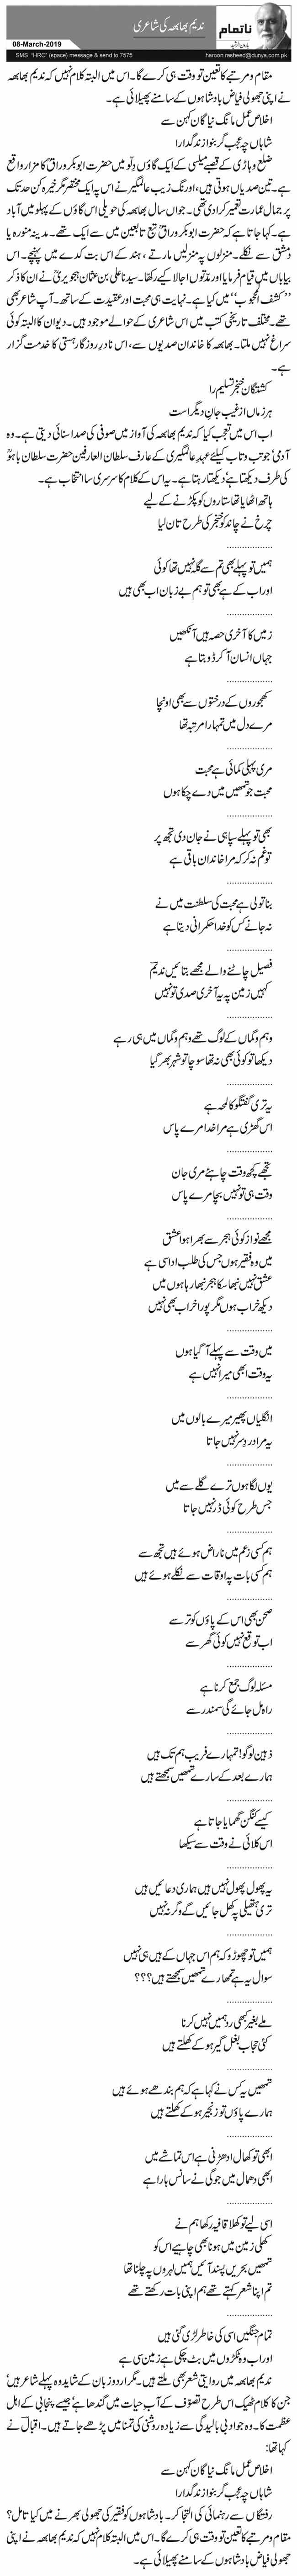 ندیم بھابھہ کی شاعری